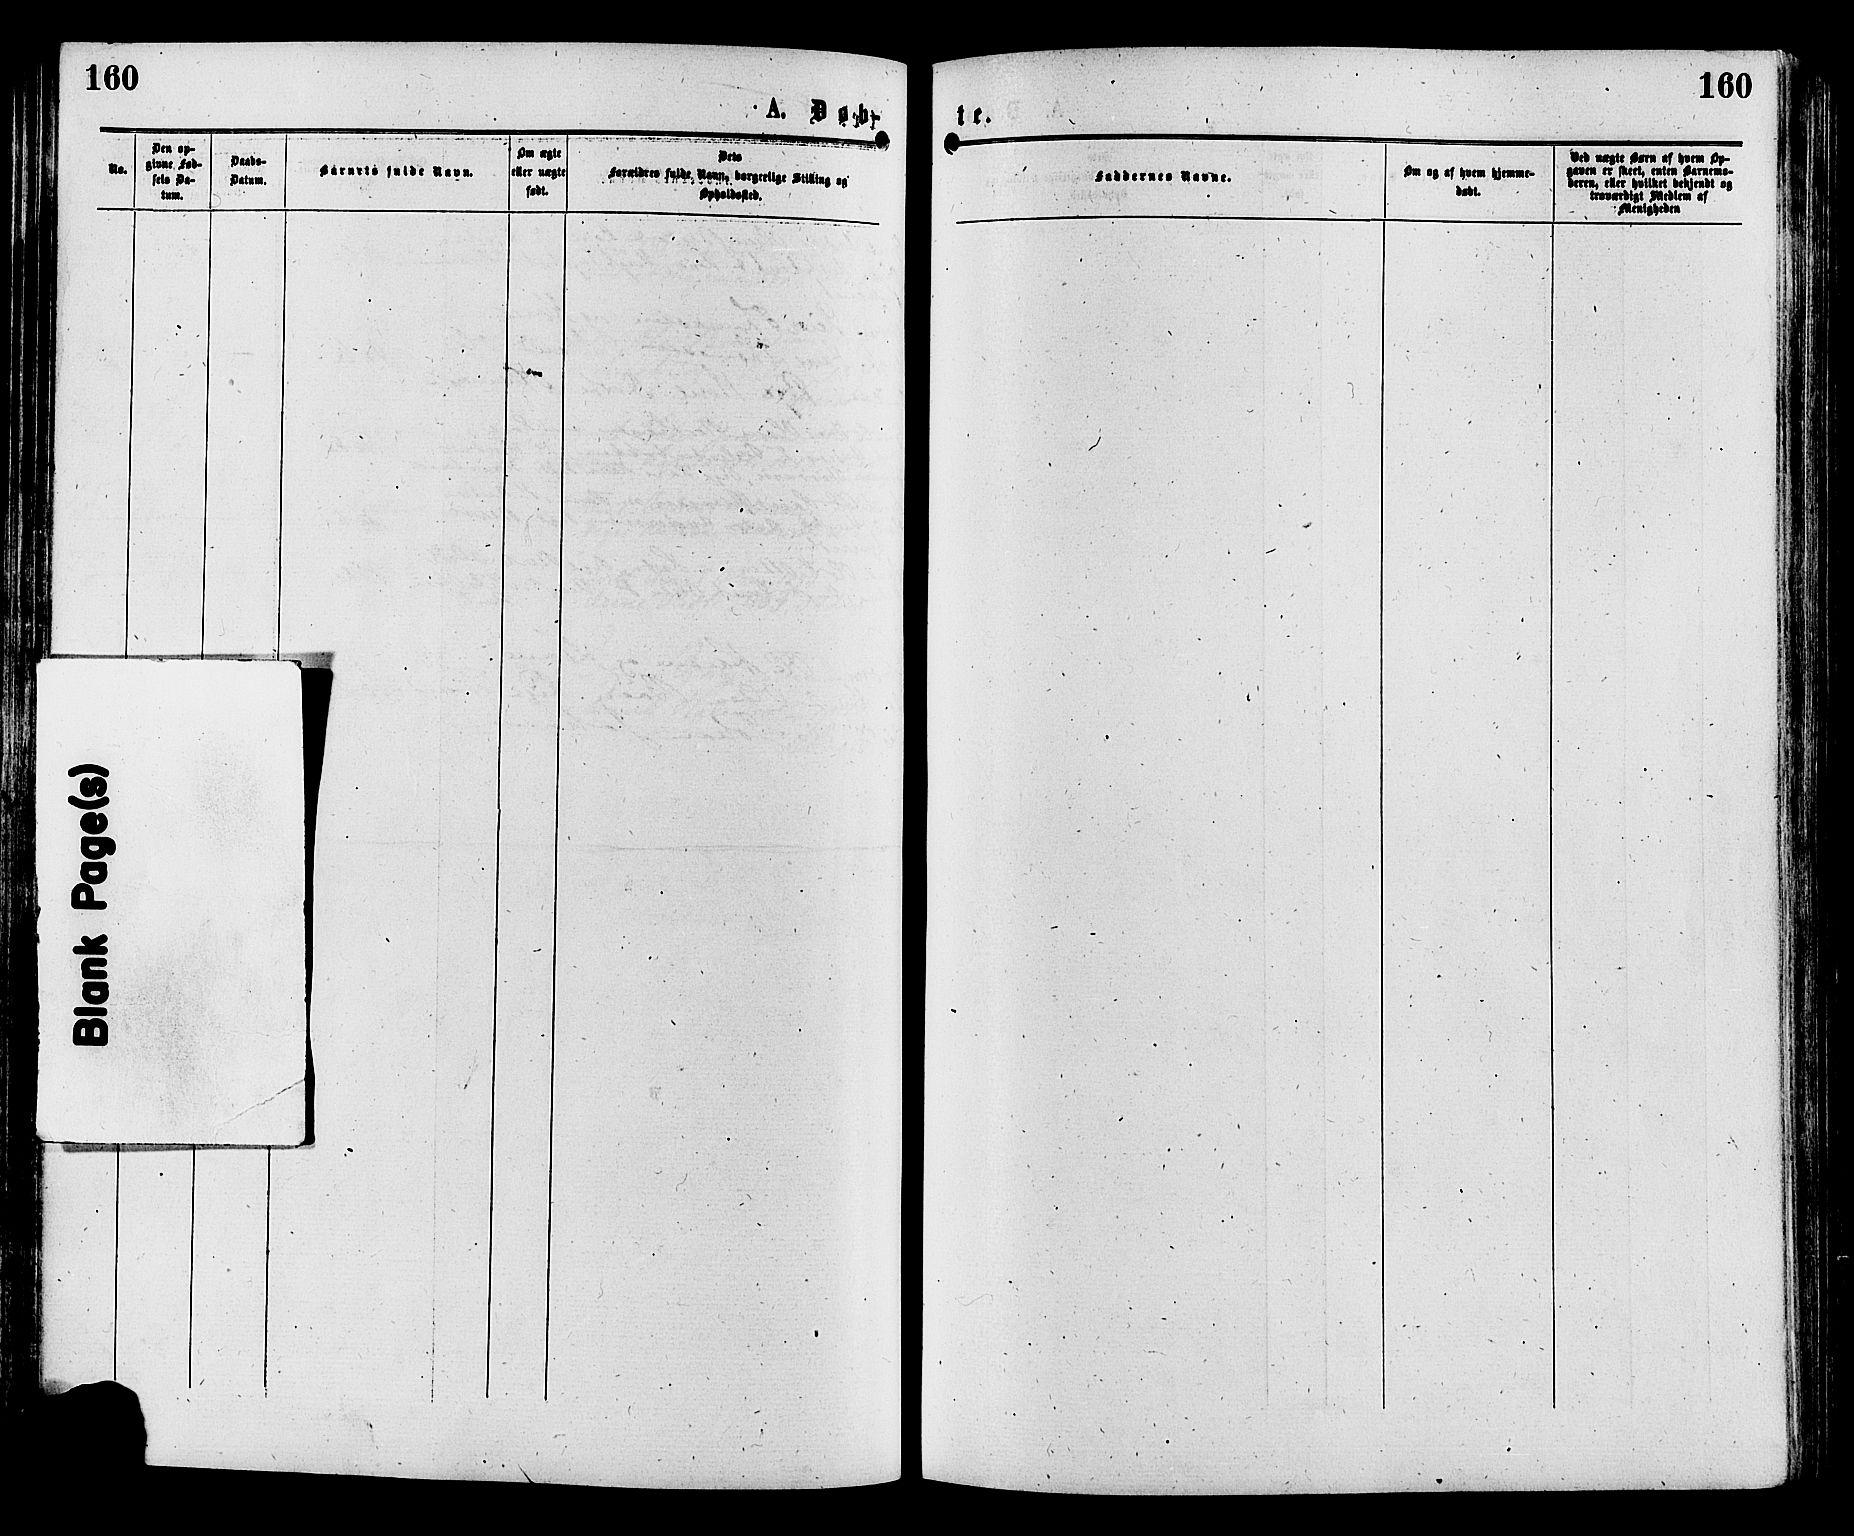 SAH, Sør-Aurdal prestekontor, Ministerialbok nr. 8, 1877-1885, s. 160